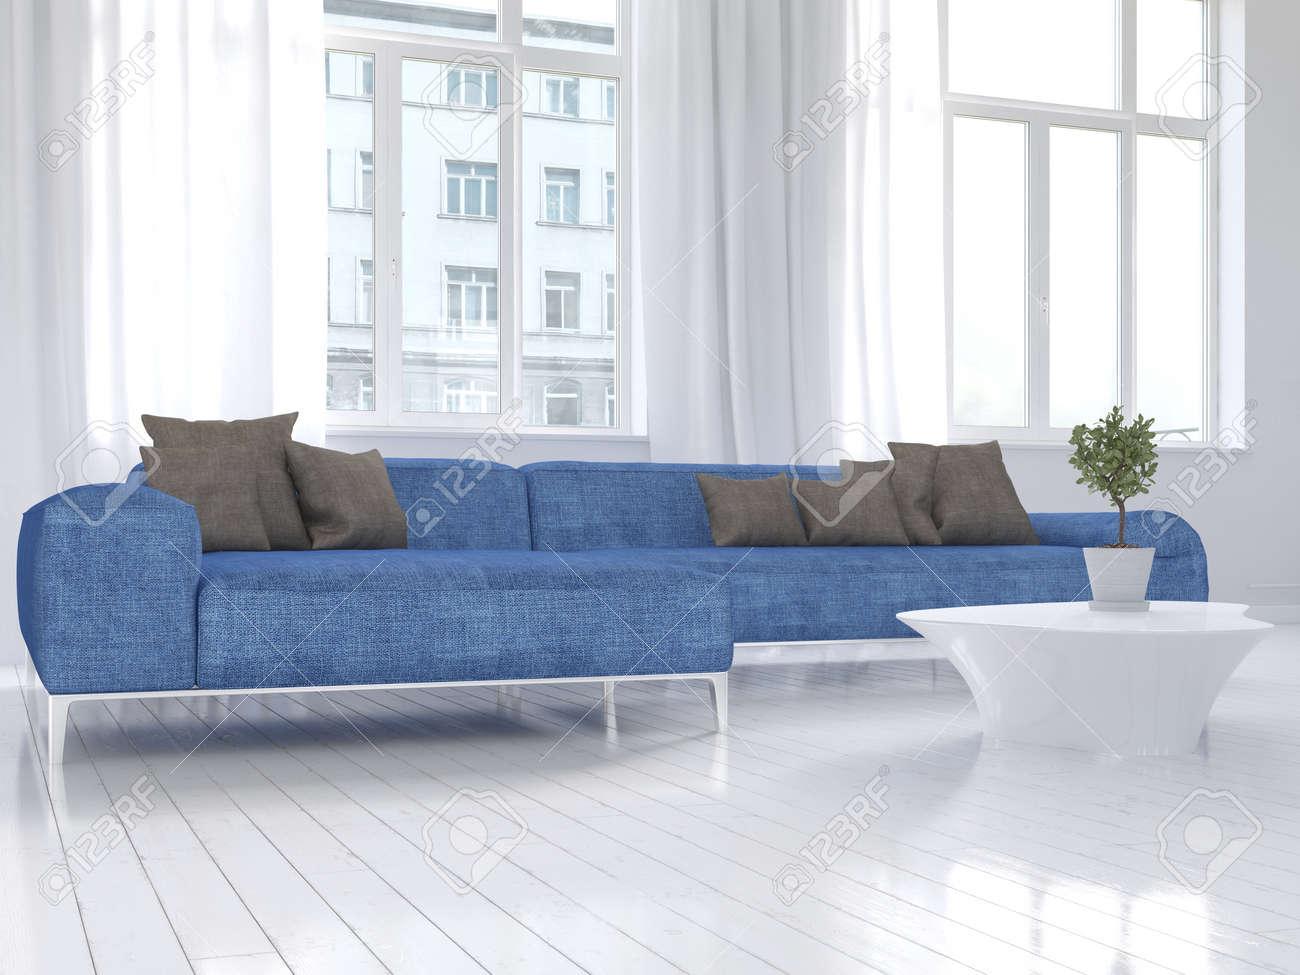 Bild Der Weißen Wohnzimmer Innenraum Mit Blauen Couch Lizenzfreie